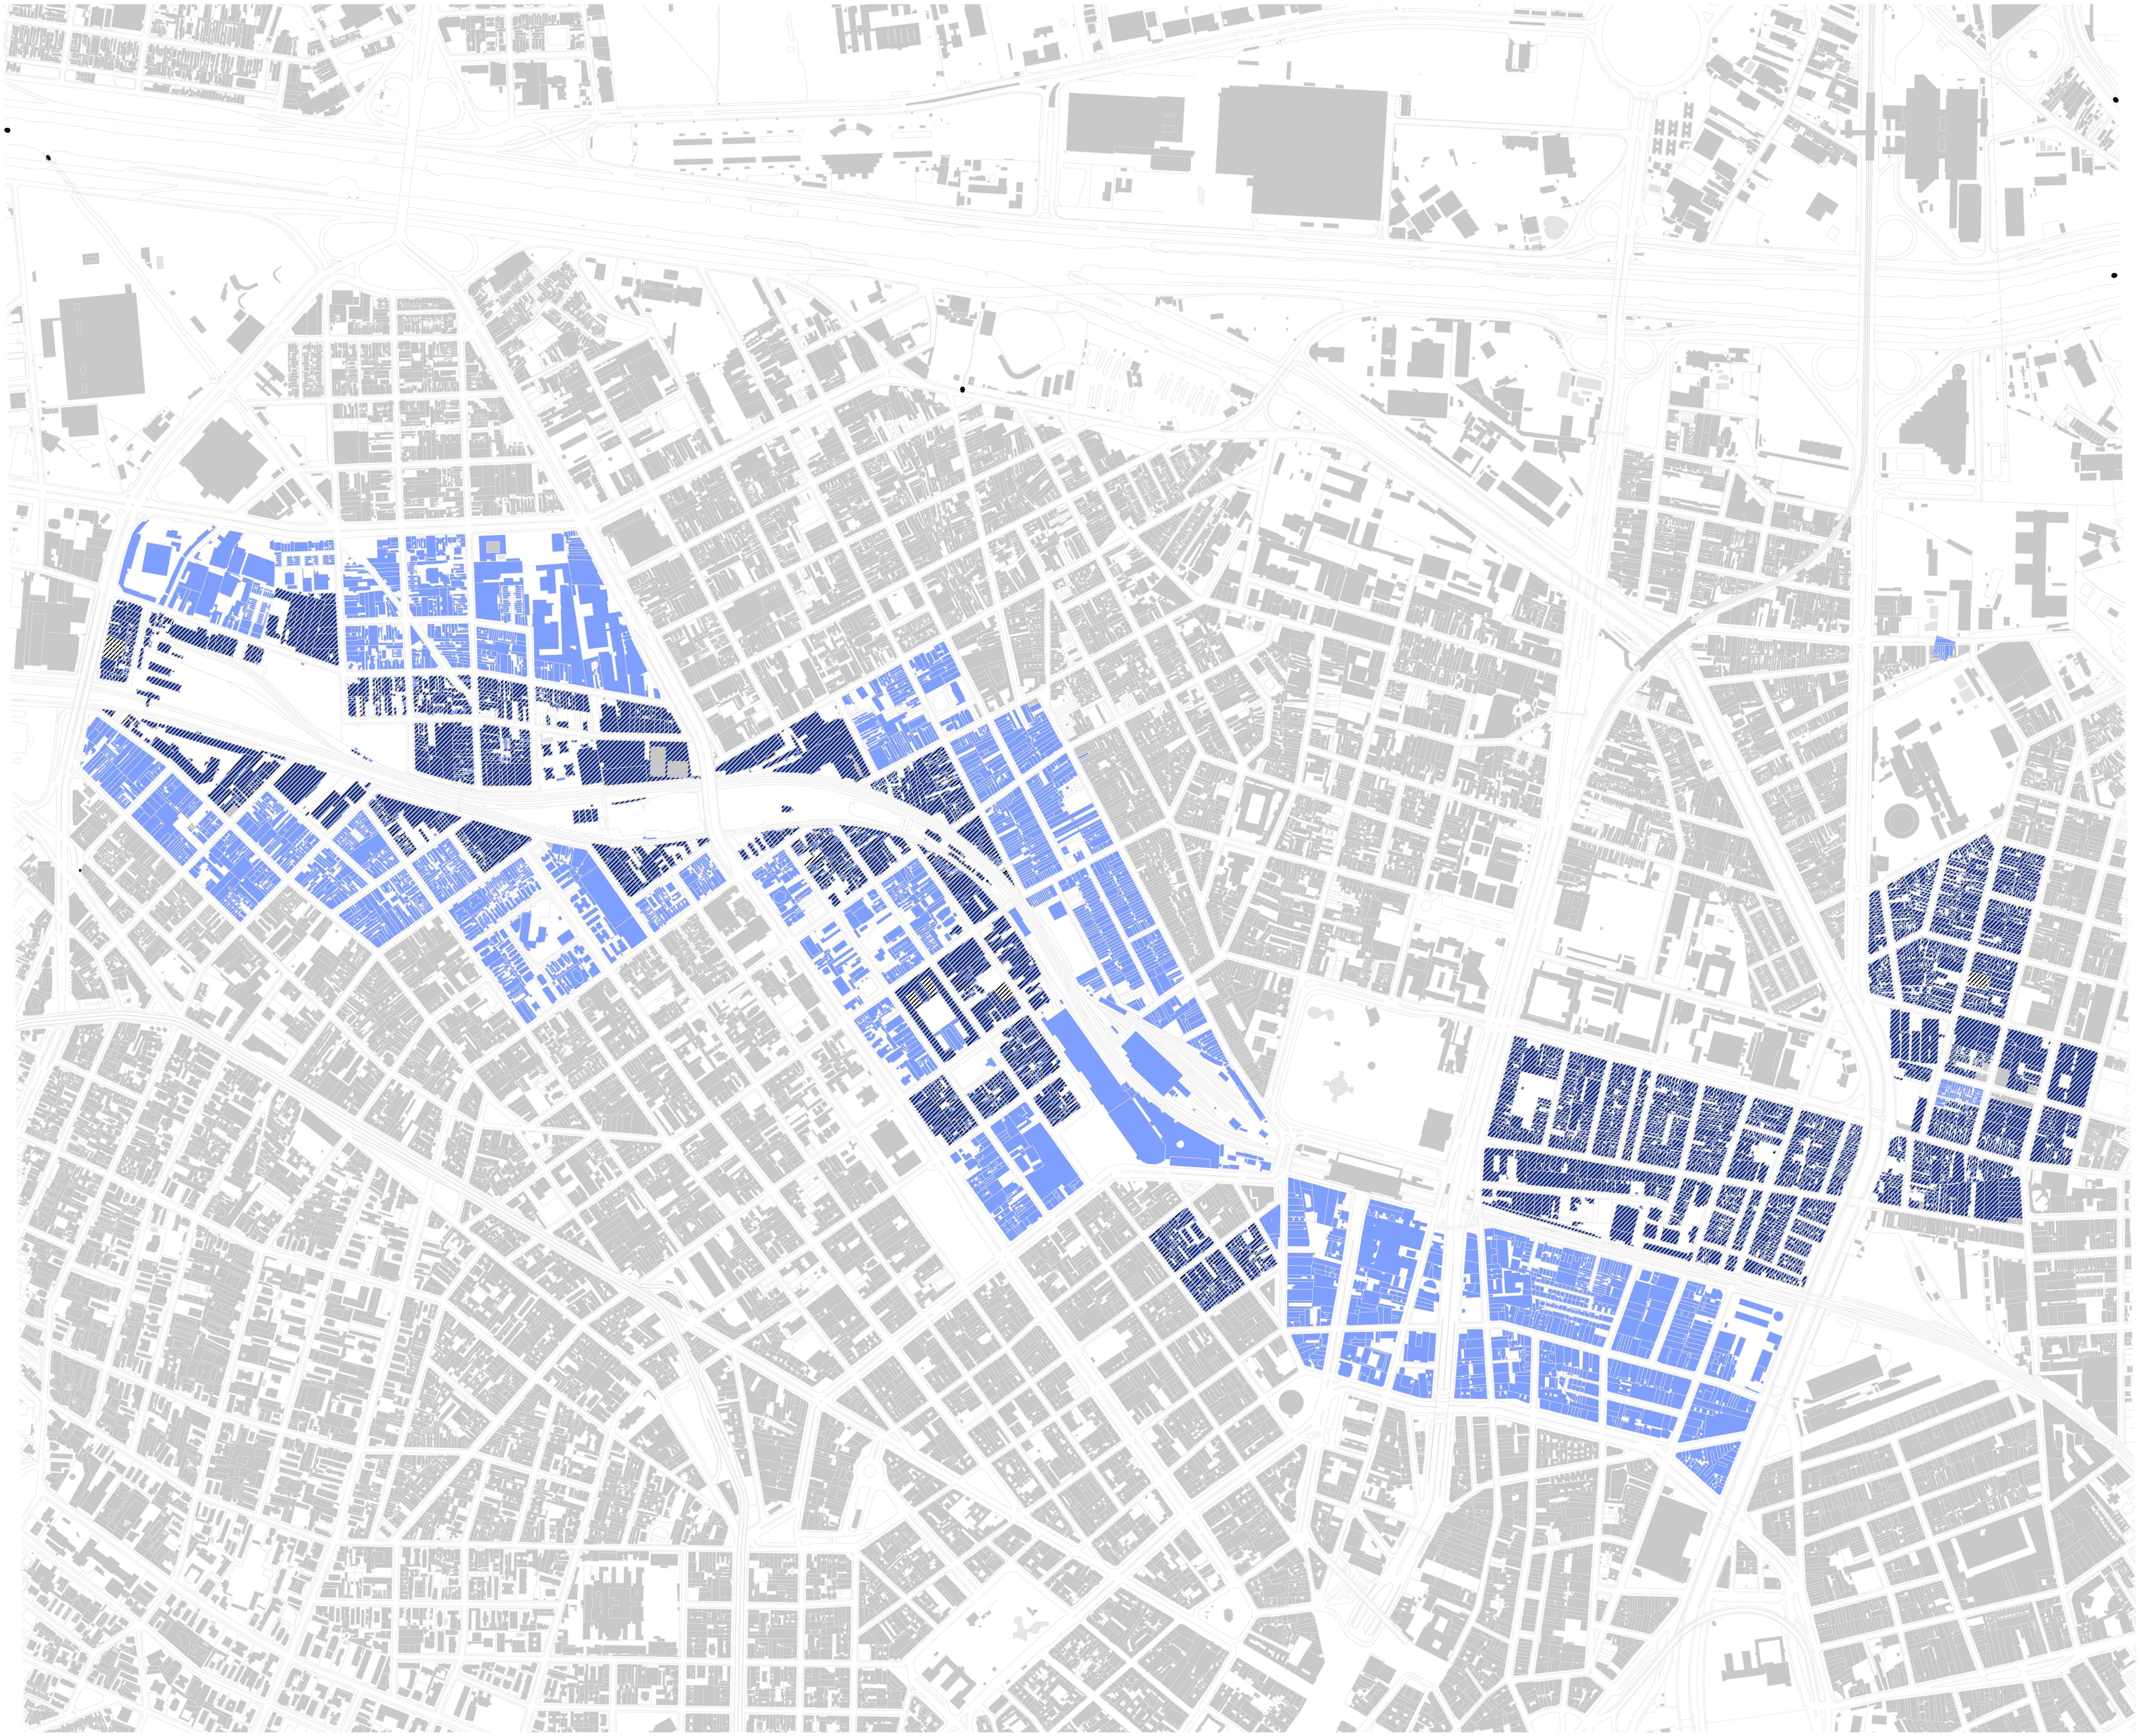 PPP Casa Paulista, 2014. A hachura em preto é a delimitação das áreas de Zeis. Escala: 1/20.000** – Elaboração do autor sobre base do MDC, Mapa Digital da Cidade de São Paulo.